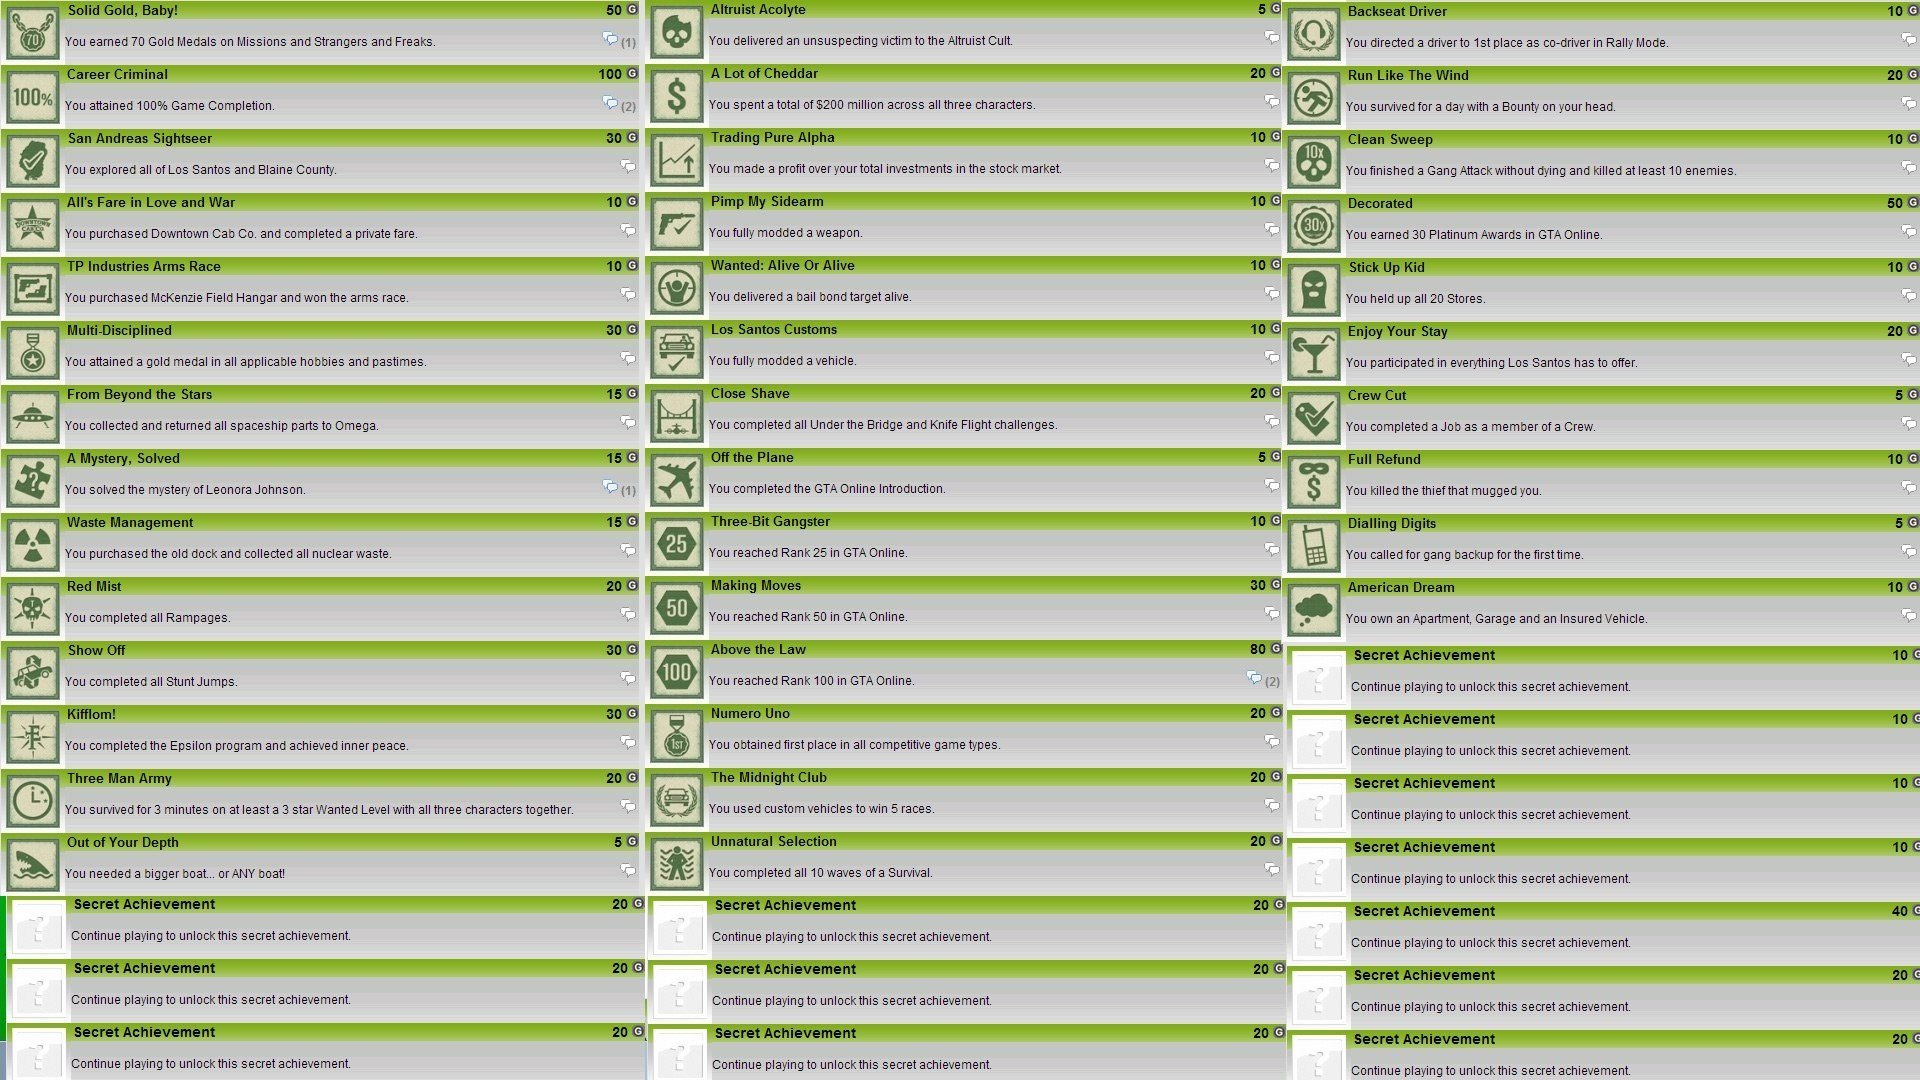 Всего у GTA 5 есть 49 ачив, из них 17 посвящены GTA Online, а еще 11 являются секретными.   Сбор всех 49-ти даст  ... - Изображение 1